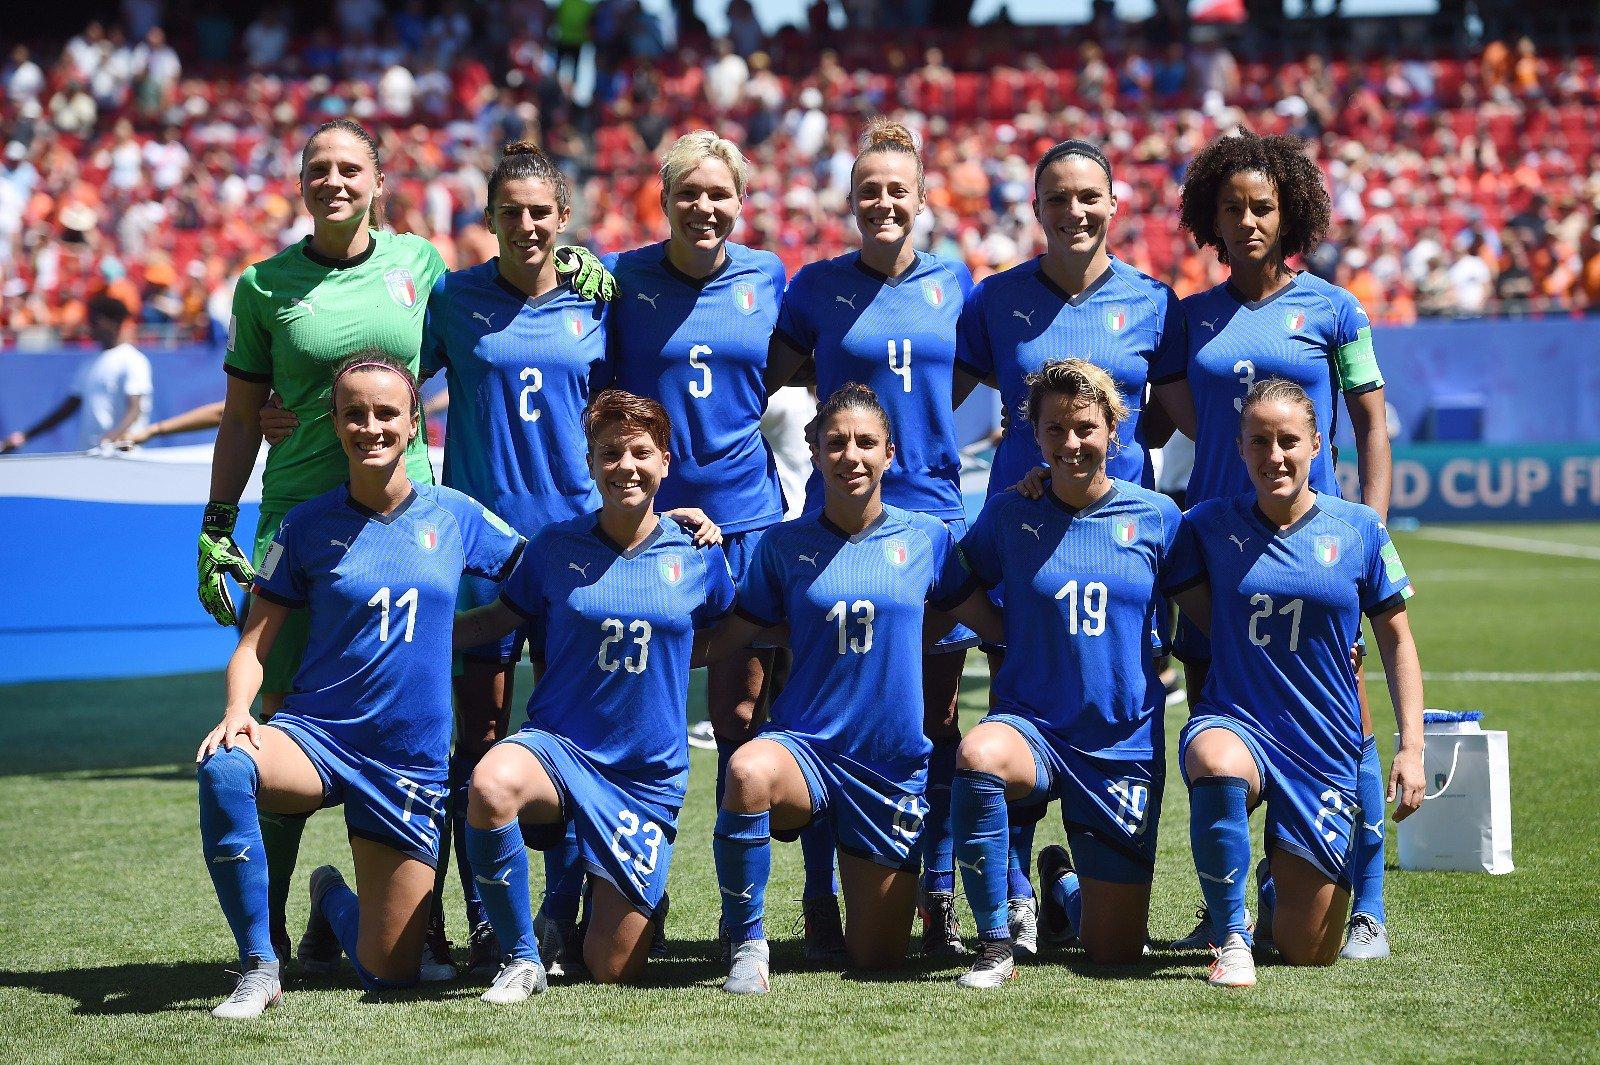 Finisce ai quarti di finale contro l'Olanda l'avventura delle Azzurre e delle Bianconere alla #FIFAWWC. Ragazze, siete state eccezionali! 👏 ❤ #JuventusWomen https://t.co/luGn3kUFjU